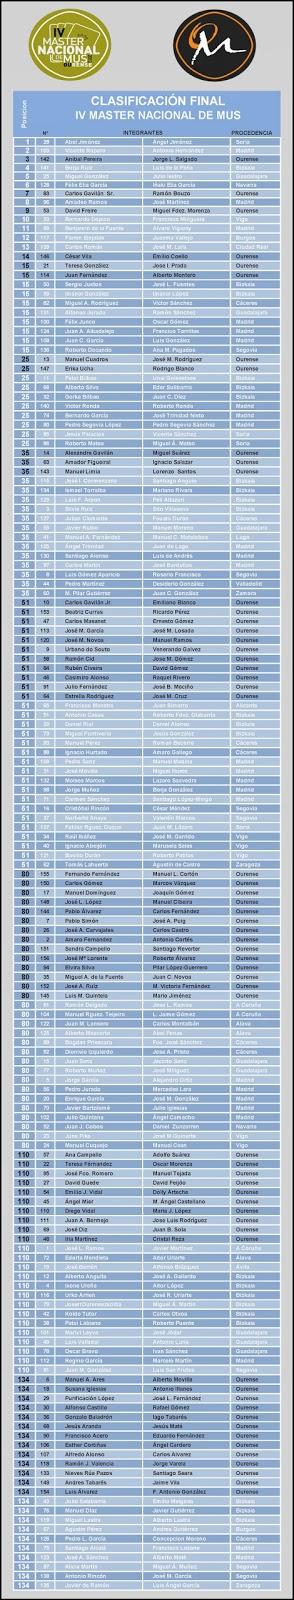 clasificación máster nacional de mus 2013 las mus-as